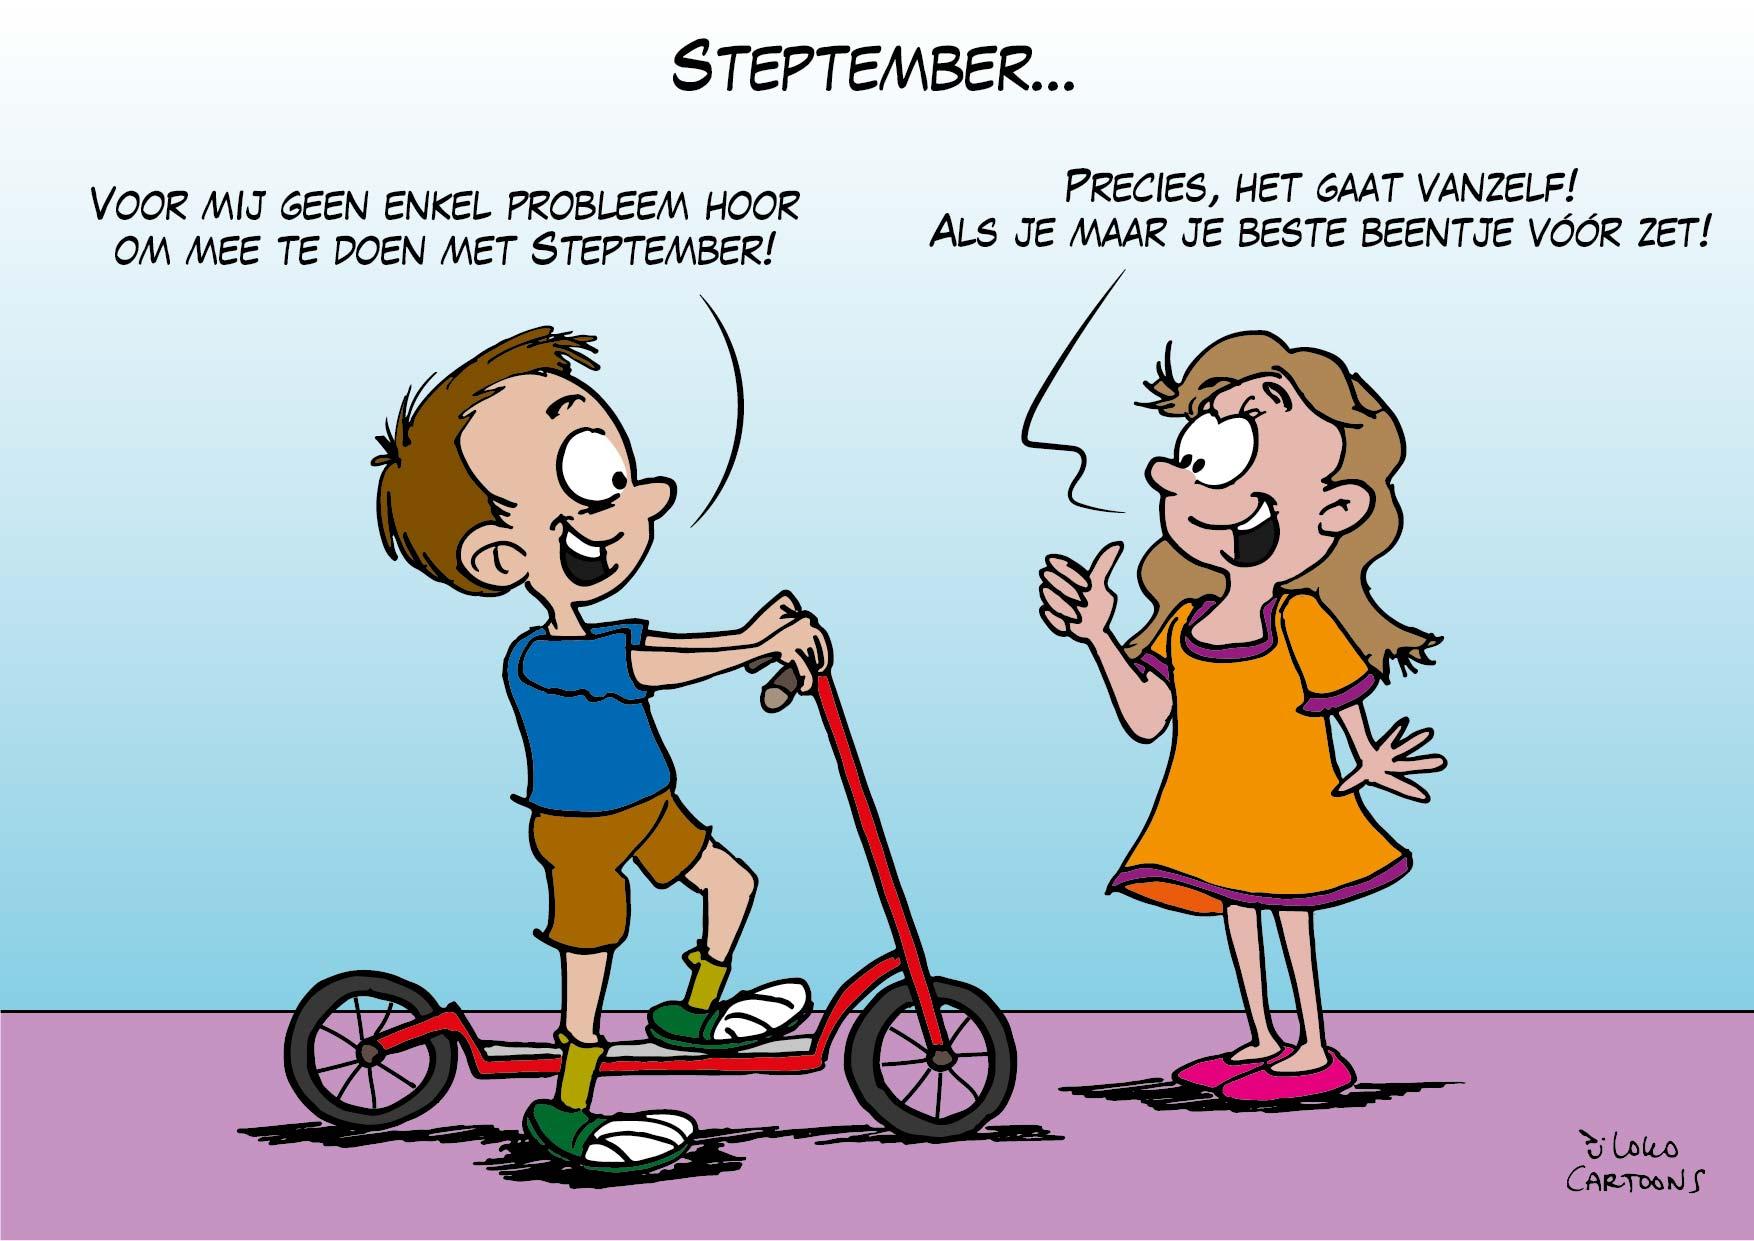 Steptember…